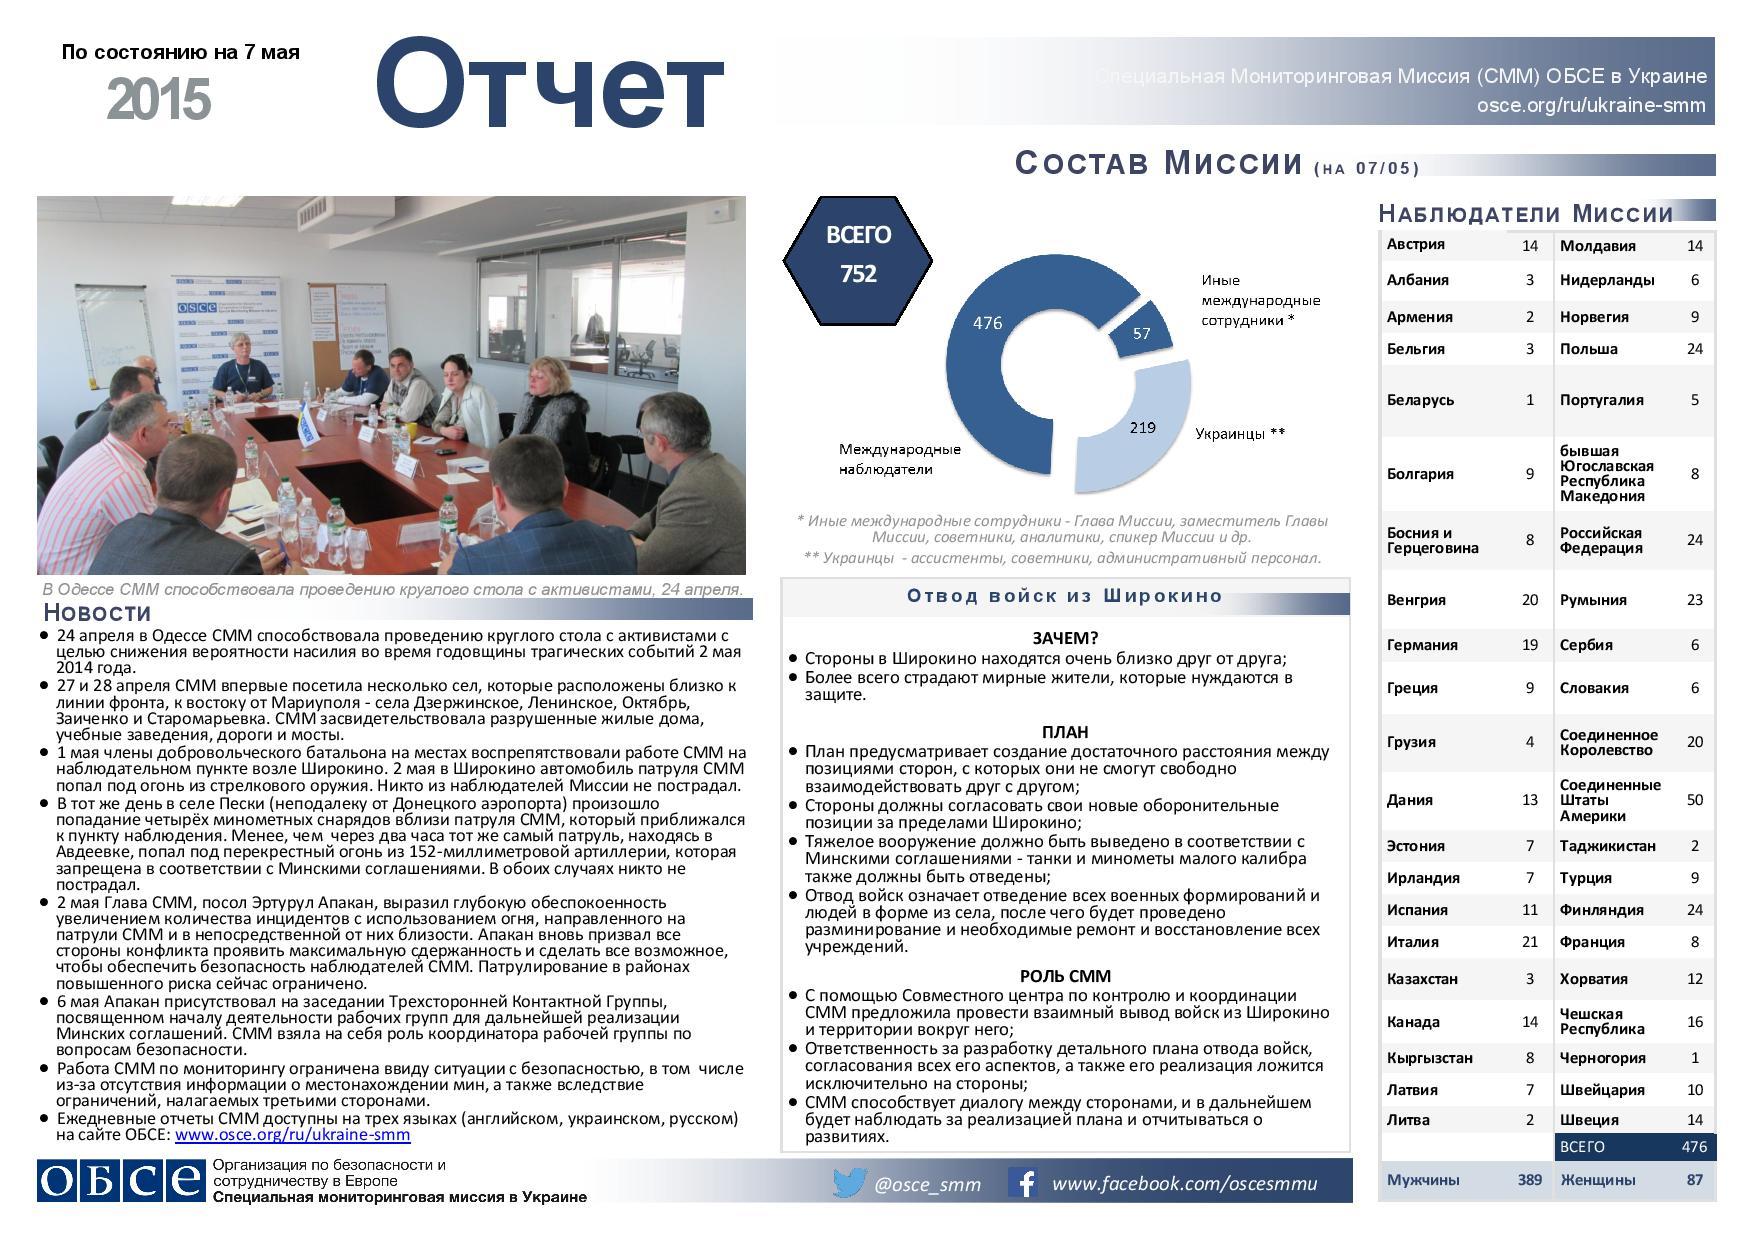 Отчет специальной миссии ОБСЕ по состоянию на 7 мая. ИНФОГРАФИКА